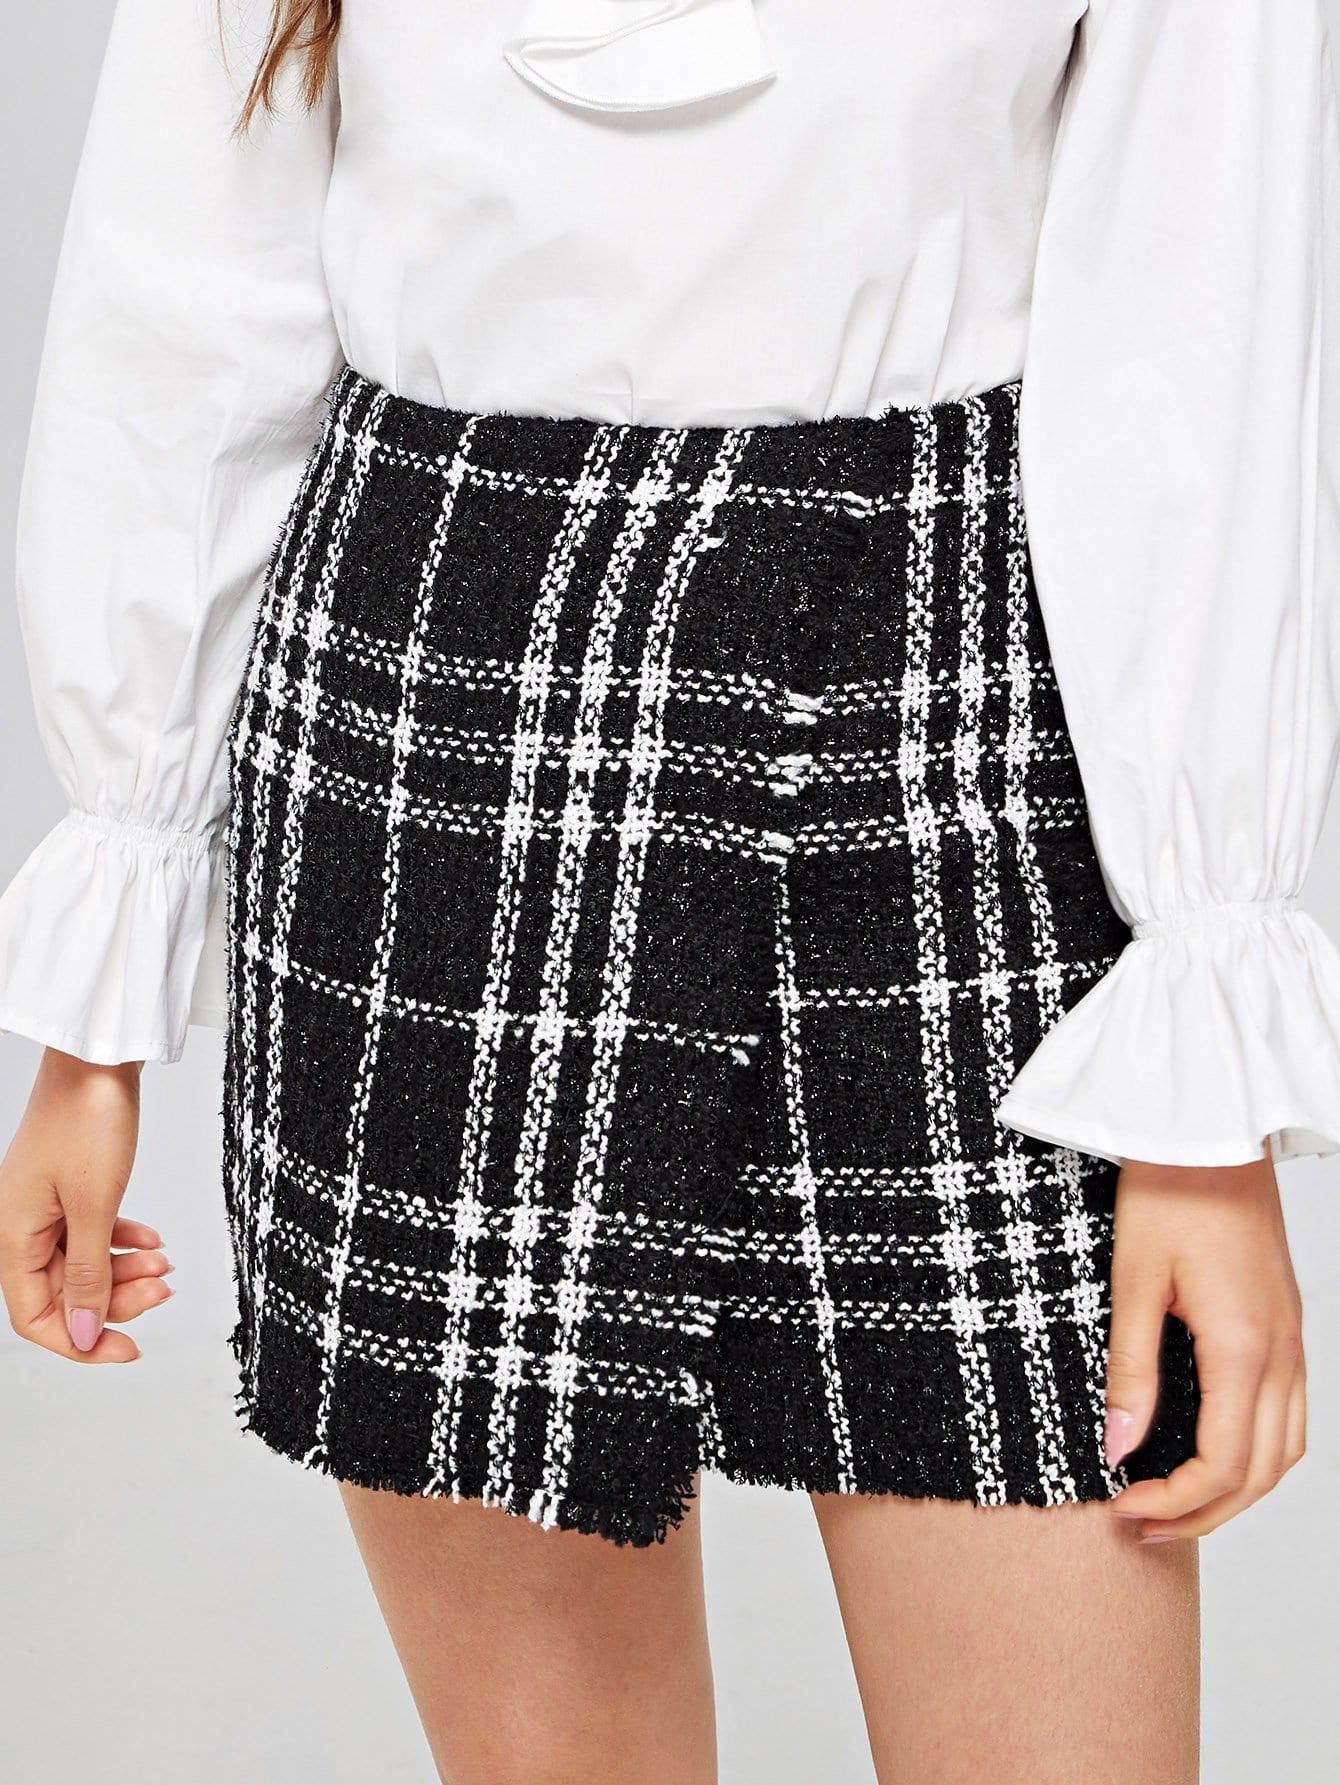 Купить Твидовая юбка со сырыми оторочками, Oliwia, SheIn